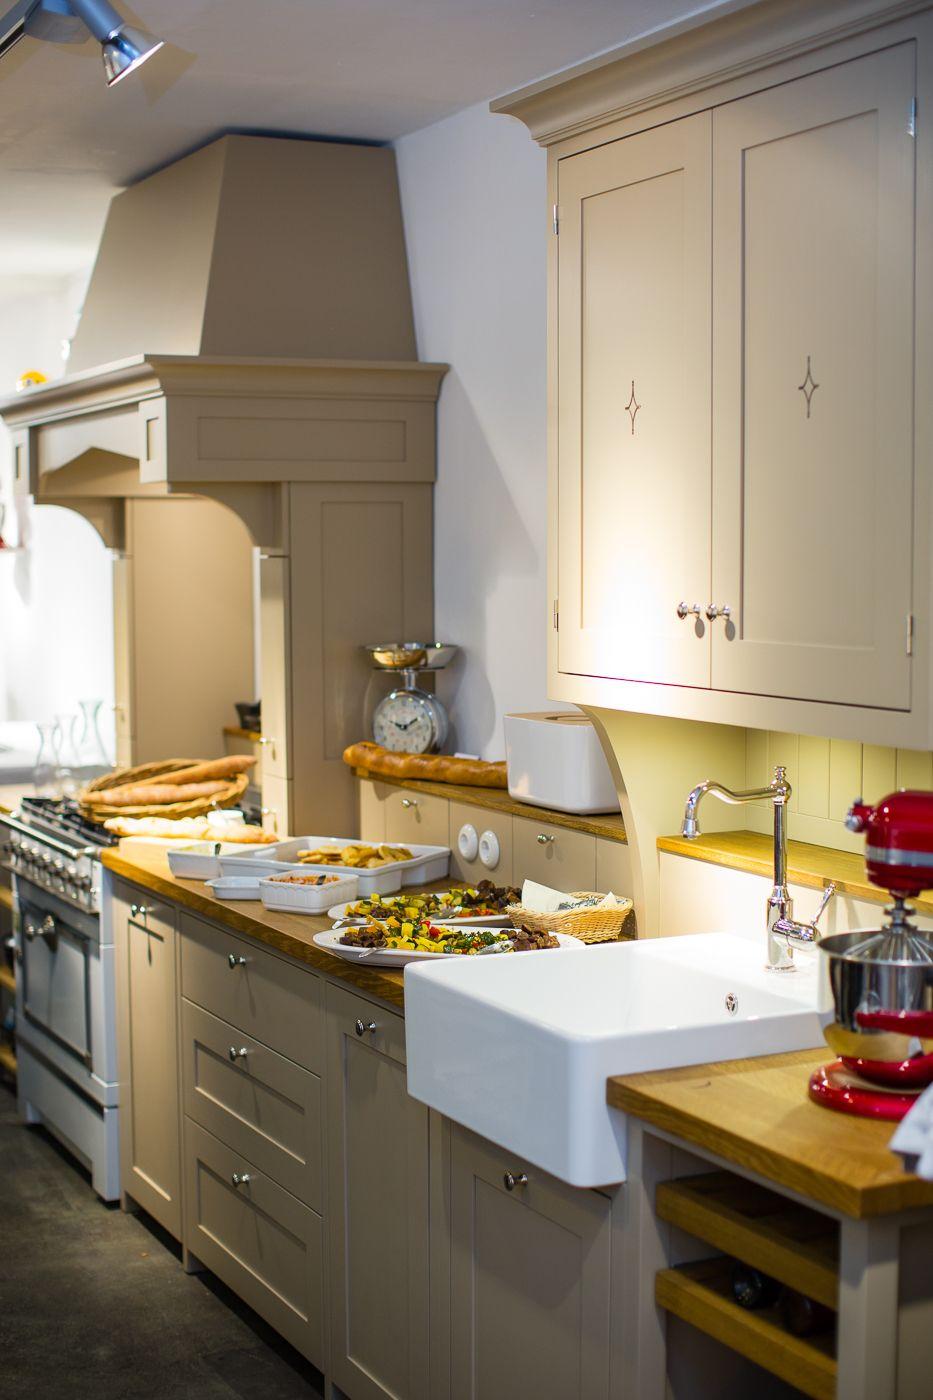 Schön Shaker Stil Küchentüren Uk Fotos - Ideen Für Die Küche ...